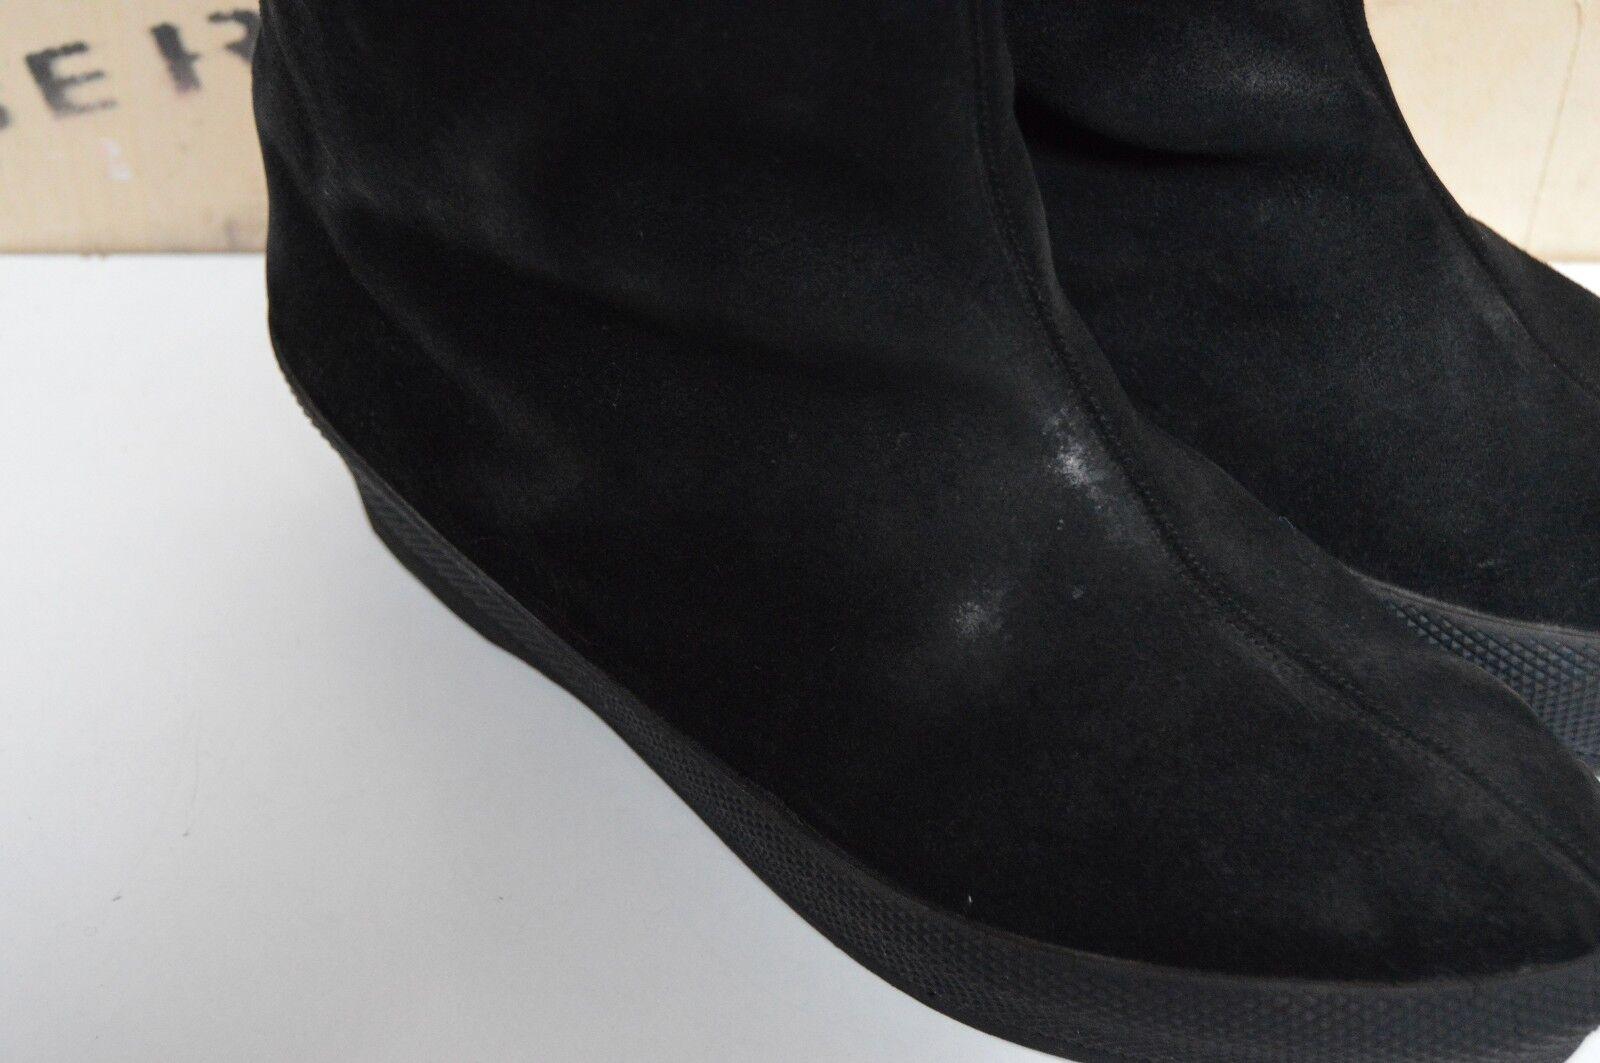 Hommes Bottes Höck 1964 true vintage Bottes Bottes D'hiver stivali stivali stivali COMPENSES rar | Bien Connu Pour Sa Fine Qualité  31f4c9